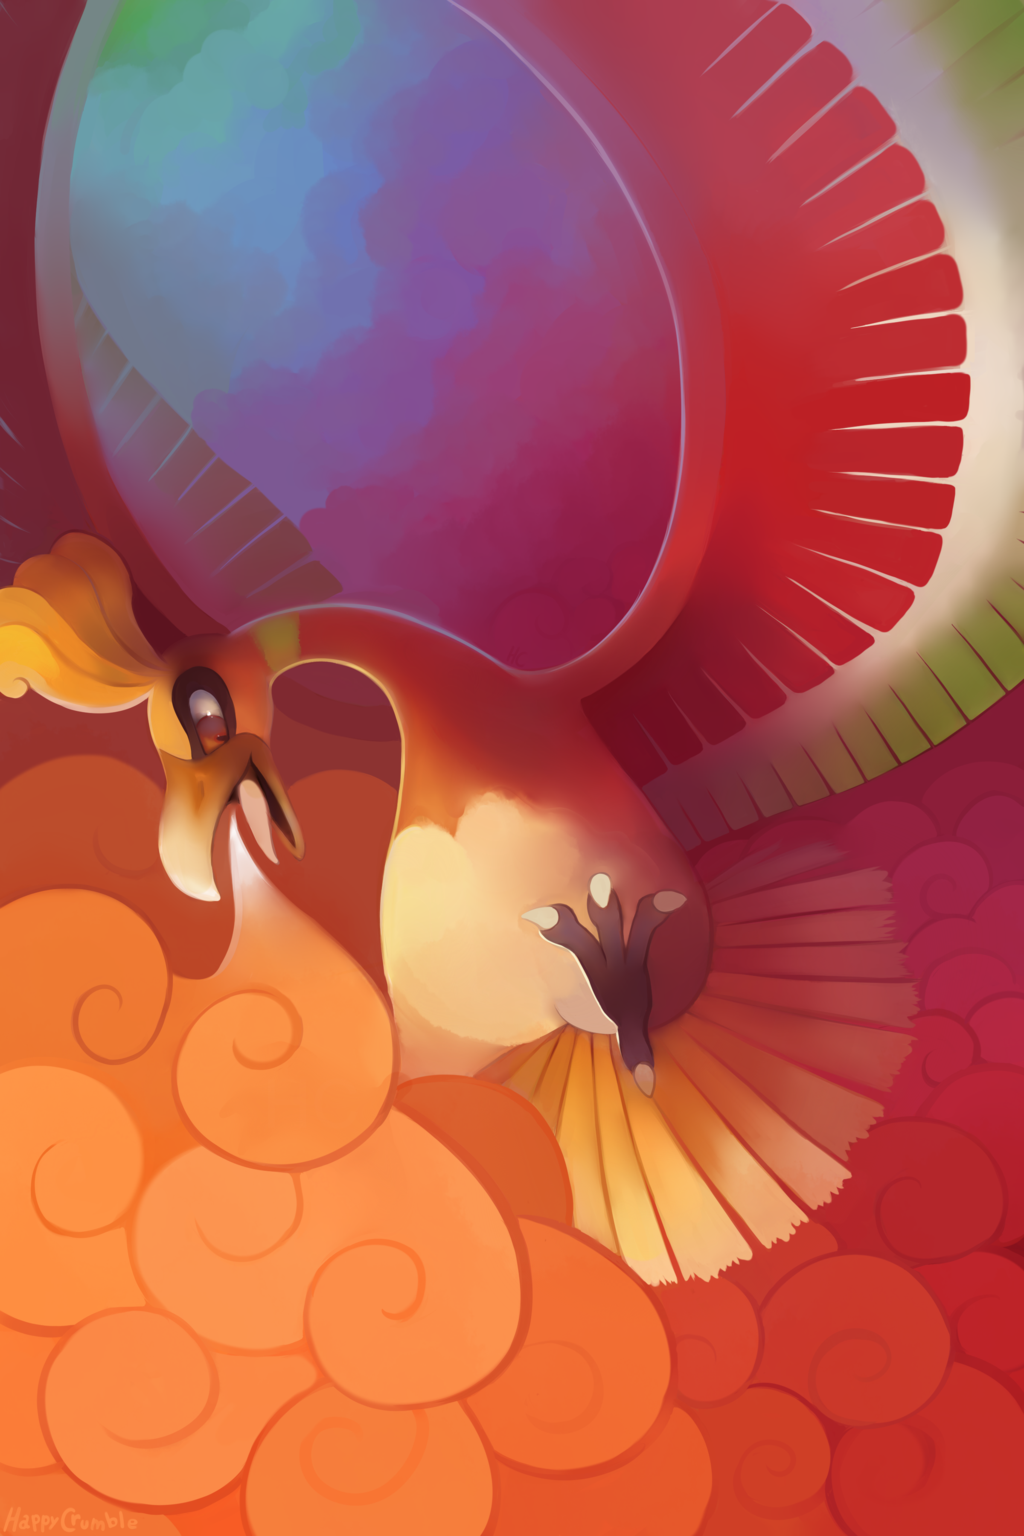 Введение в мир Pokémon | Канобу - Изображение 14